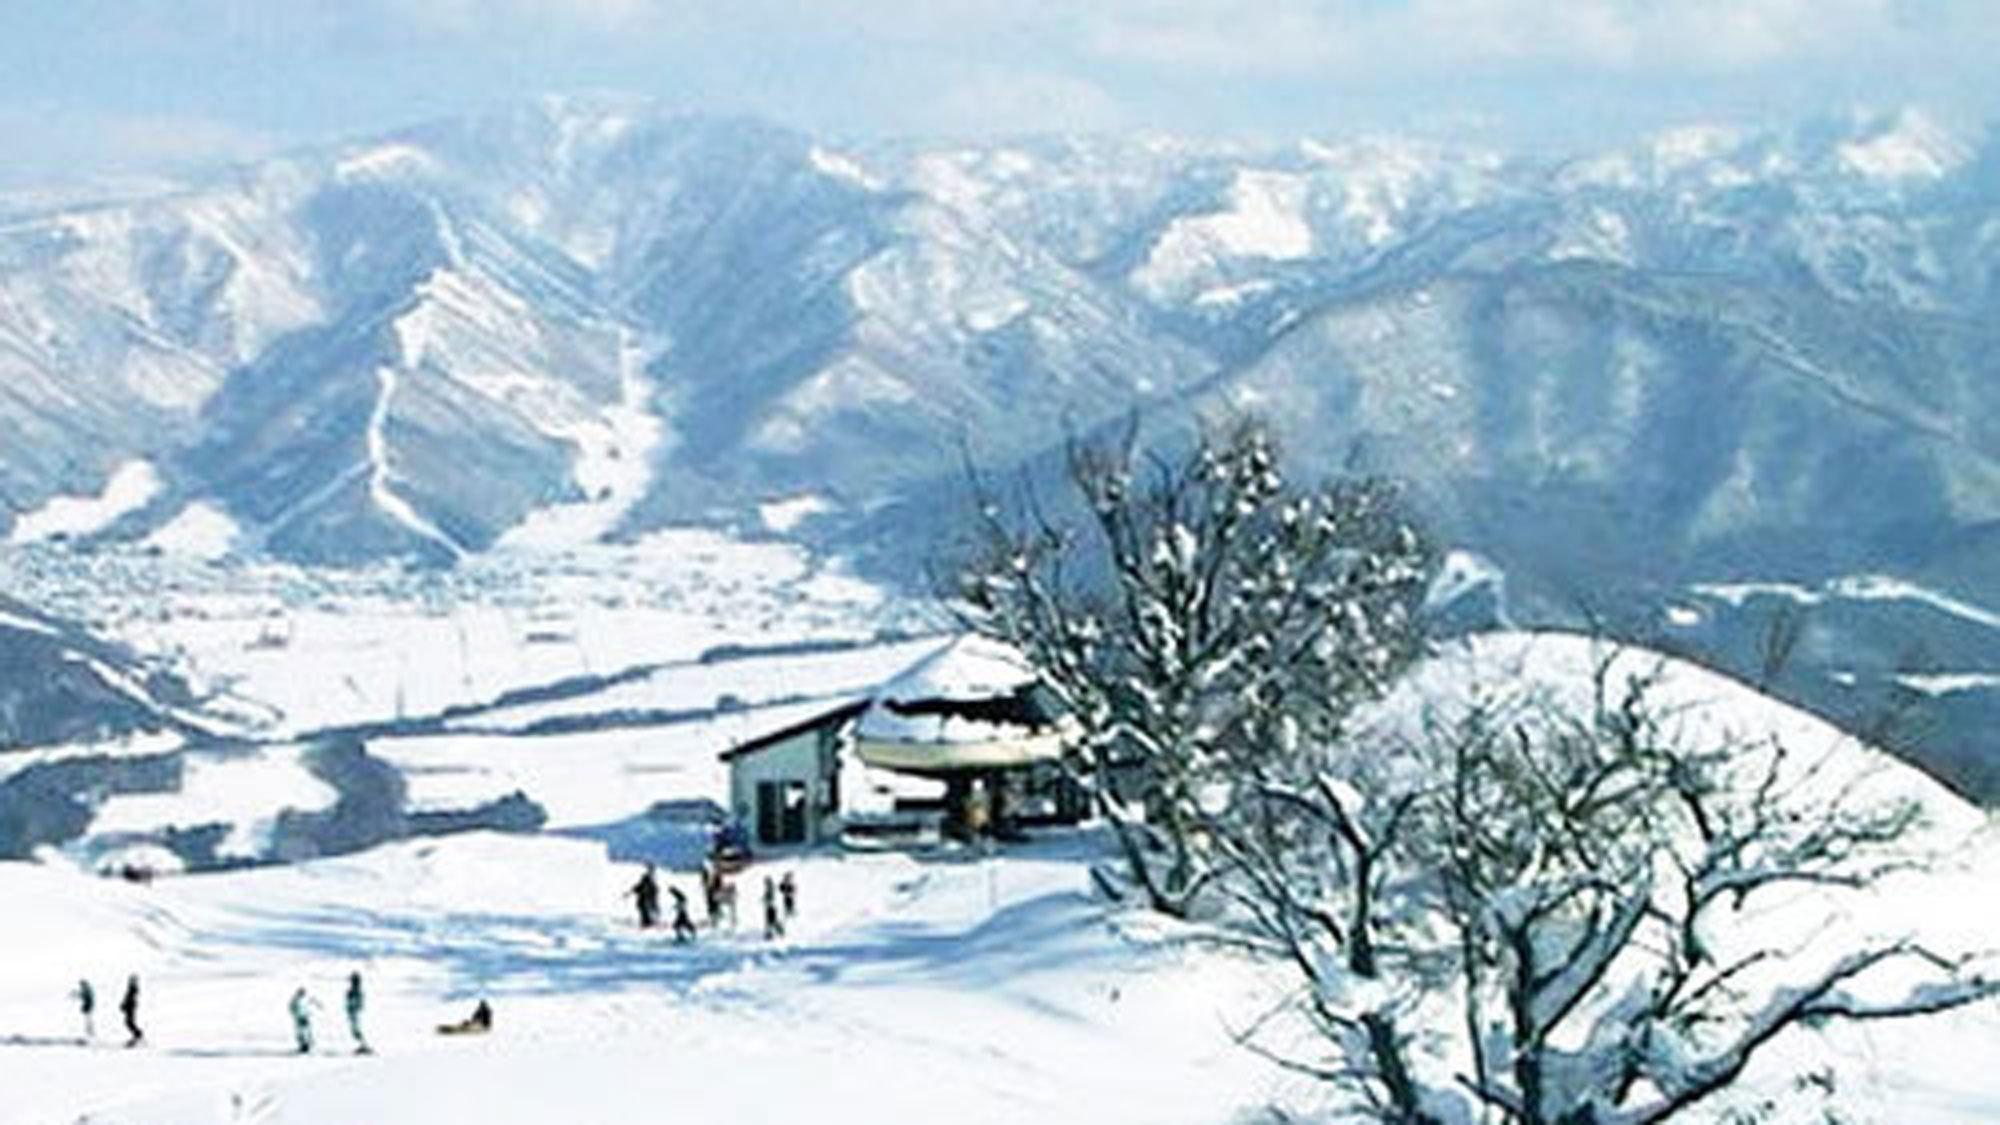 *戸狩温泉スキー場。オリオンゲレンデまで徒歩2分!ウィンタースポーツをたっぷりお楽しみ下さい♪